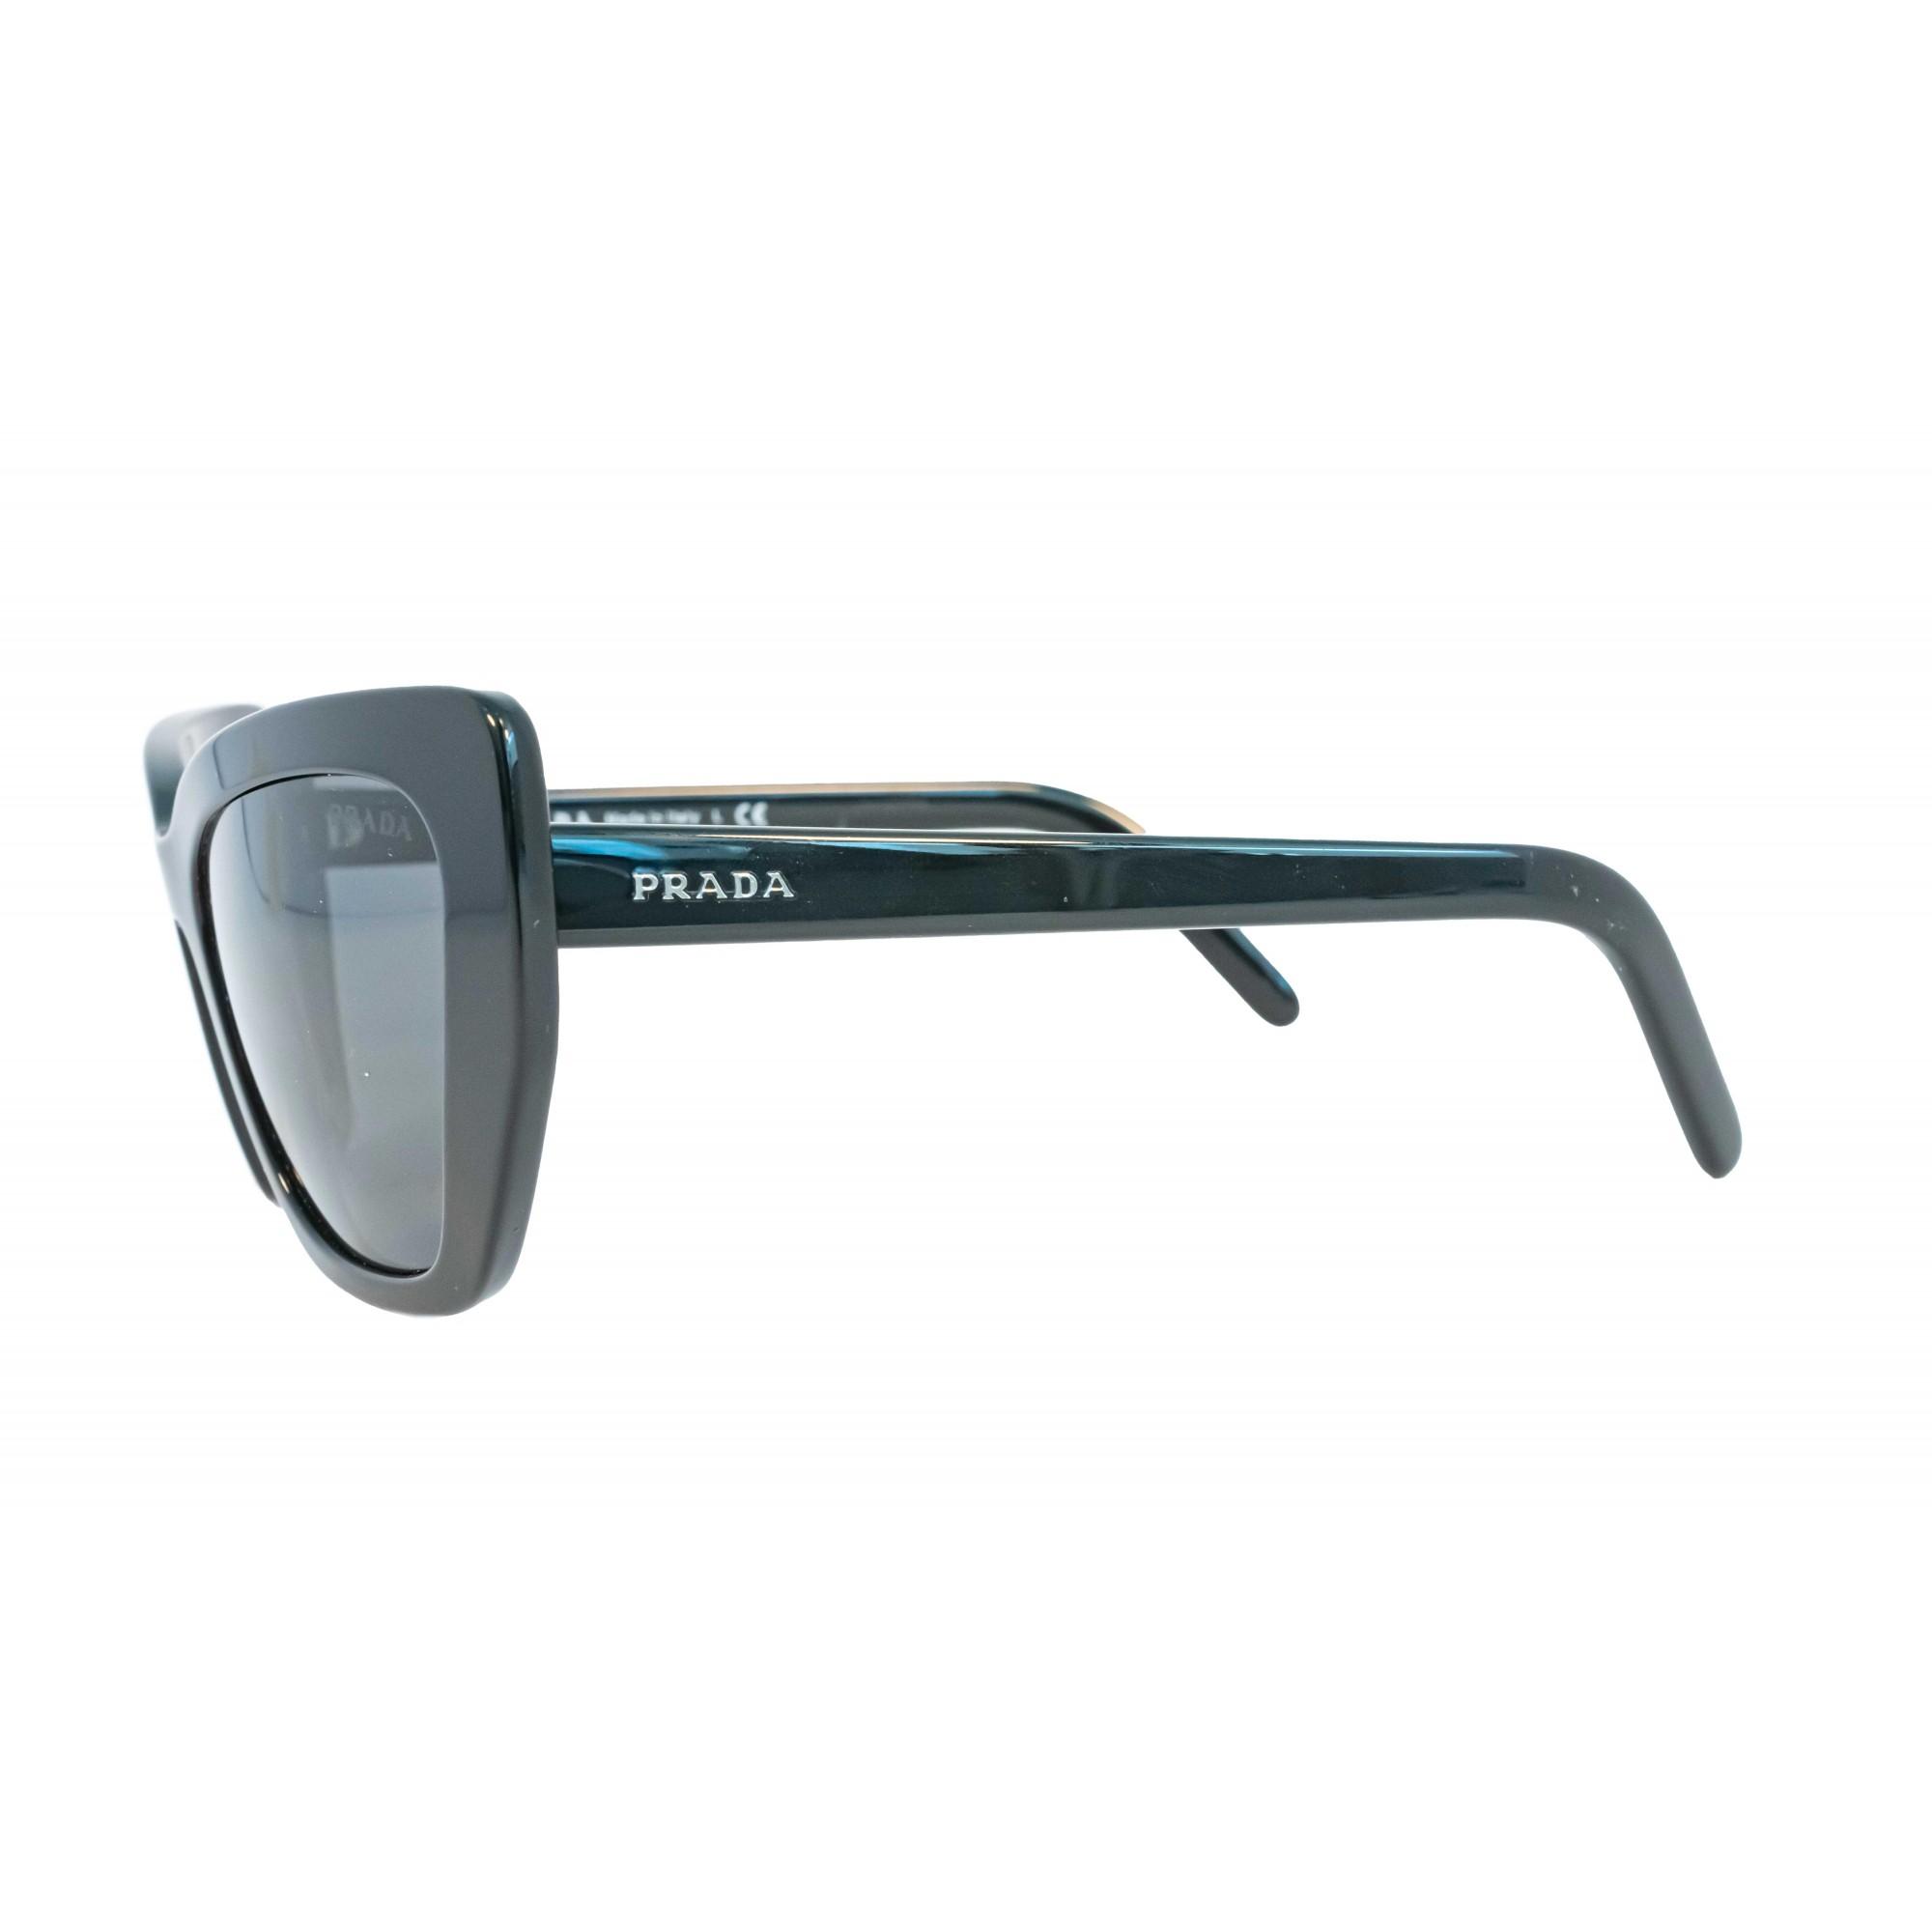 Óculos Prada Cat Eye Spr08v 1ab5s0 55 Preto